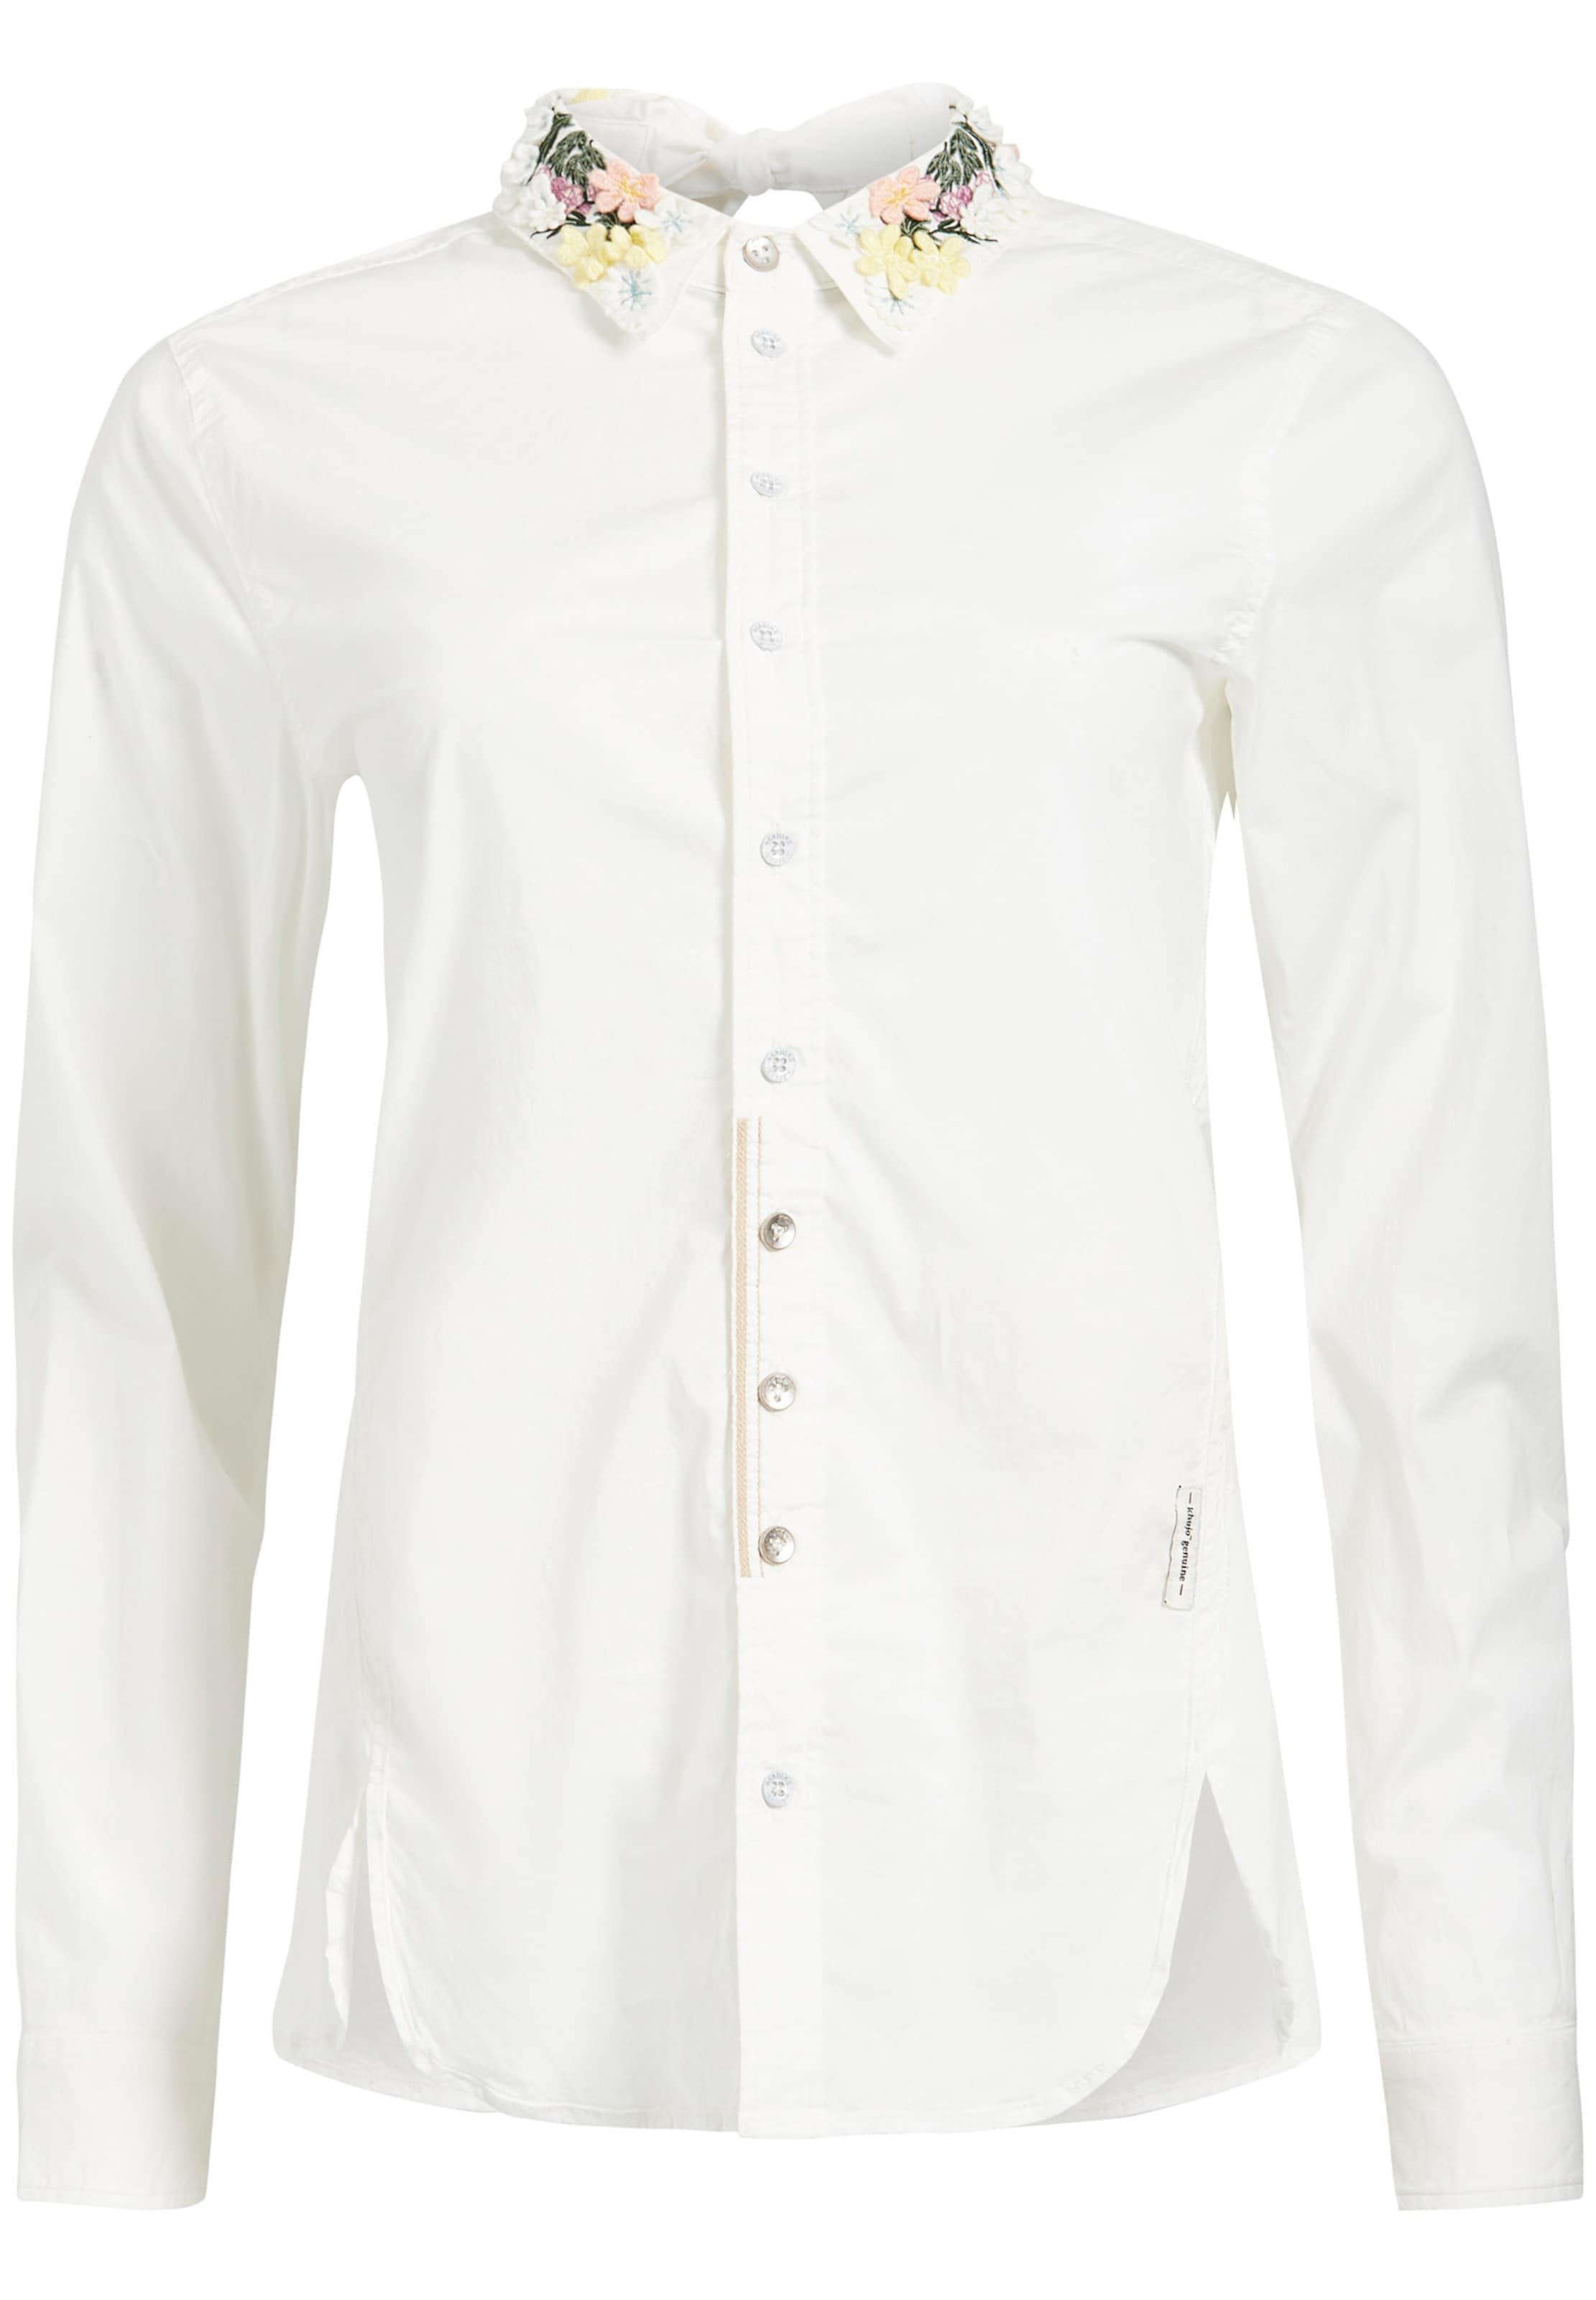 Shirt Khujo In Wollweiß 'balda' NwXP8n0Ok